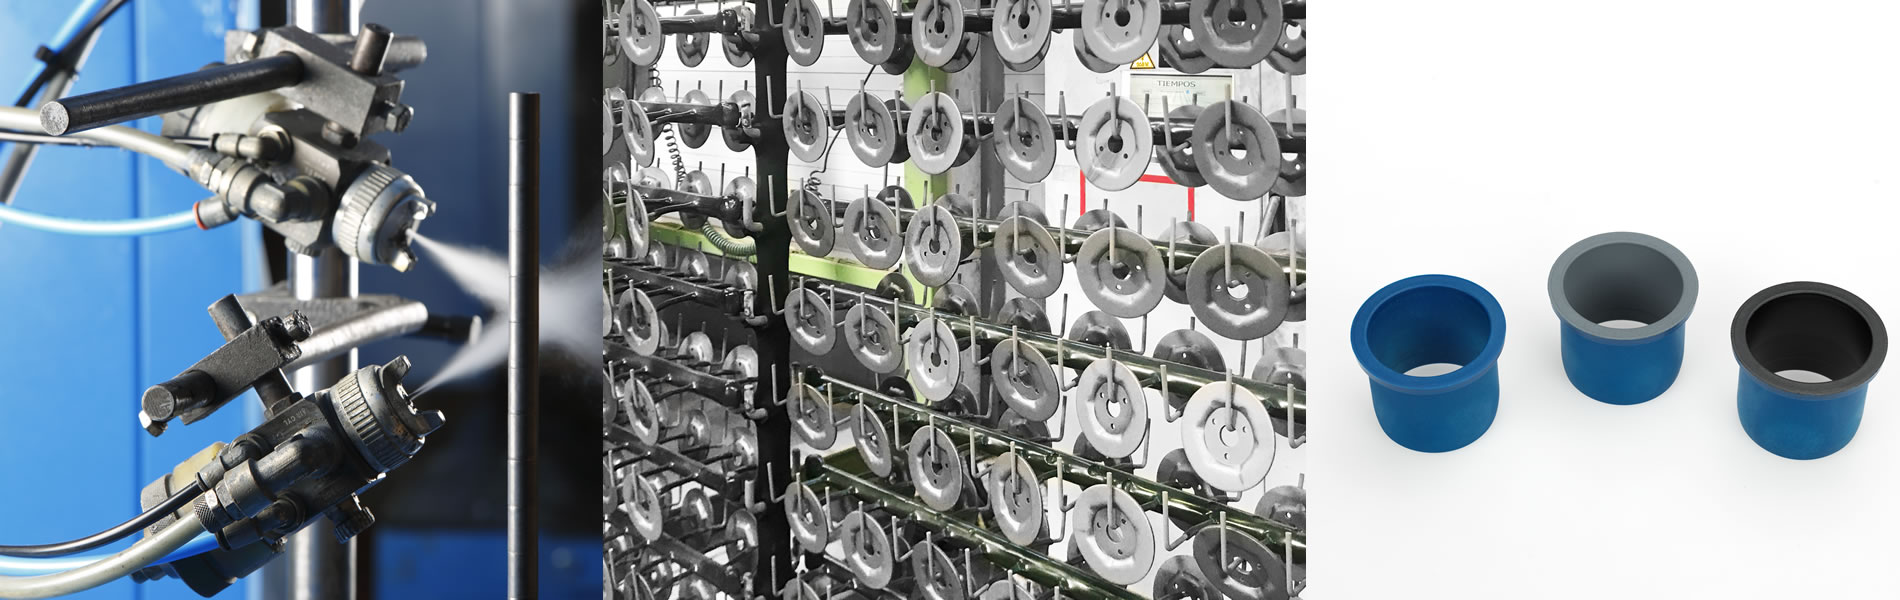 Cortugroup está especializado en realizar tratamientos superficiales para piezas de metal del sector de automoción